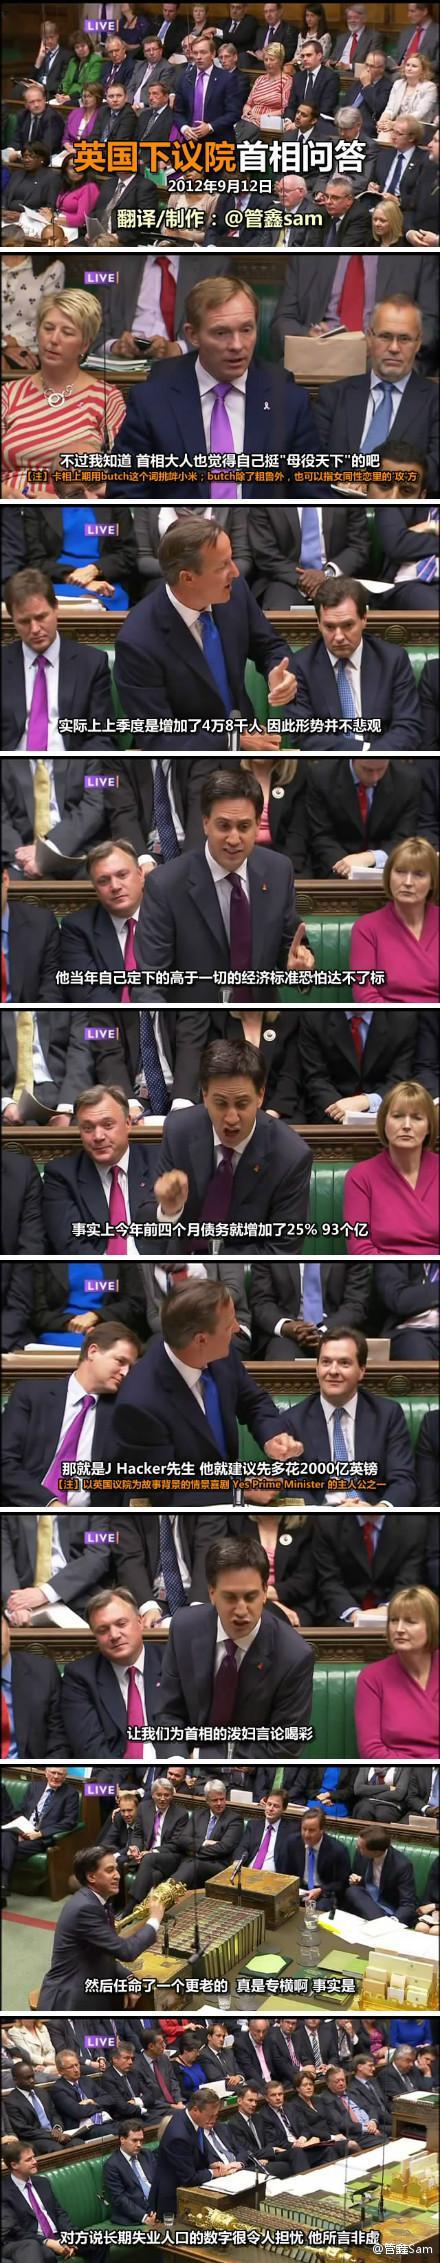 英国下议院首相问答 2012.9.12 【就业率之战】